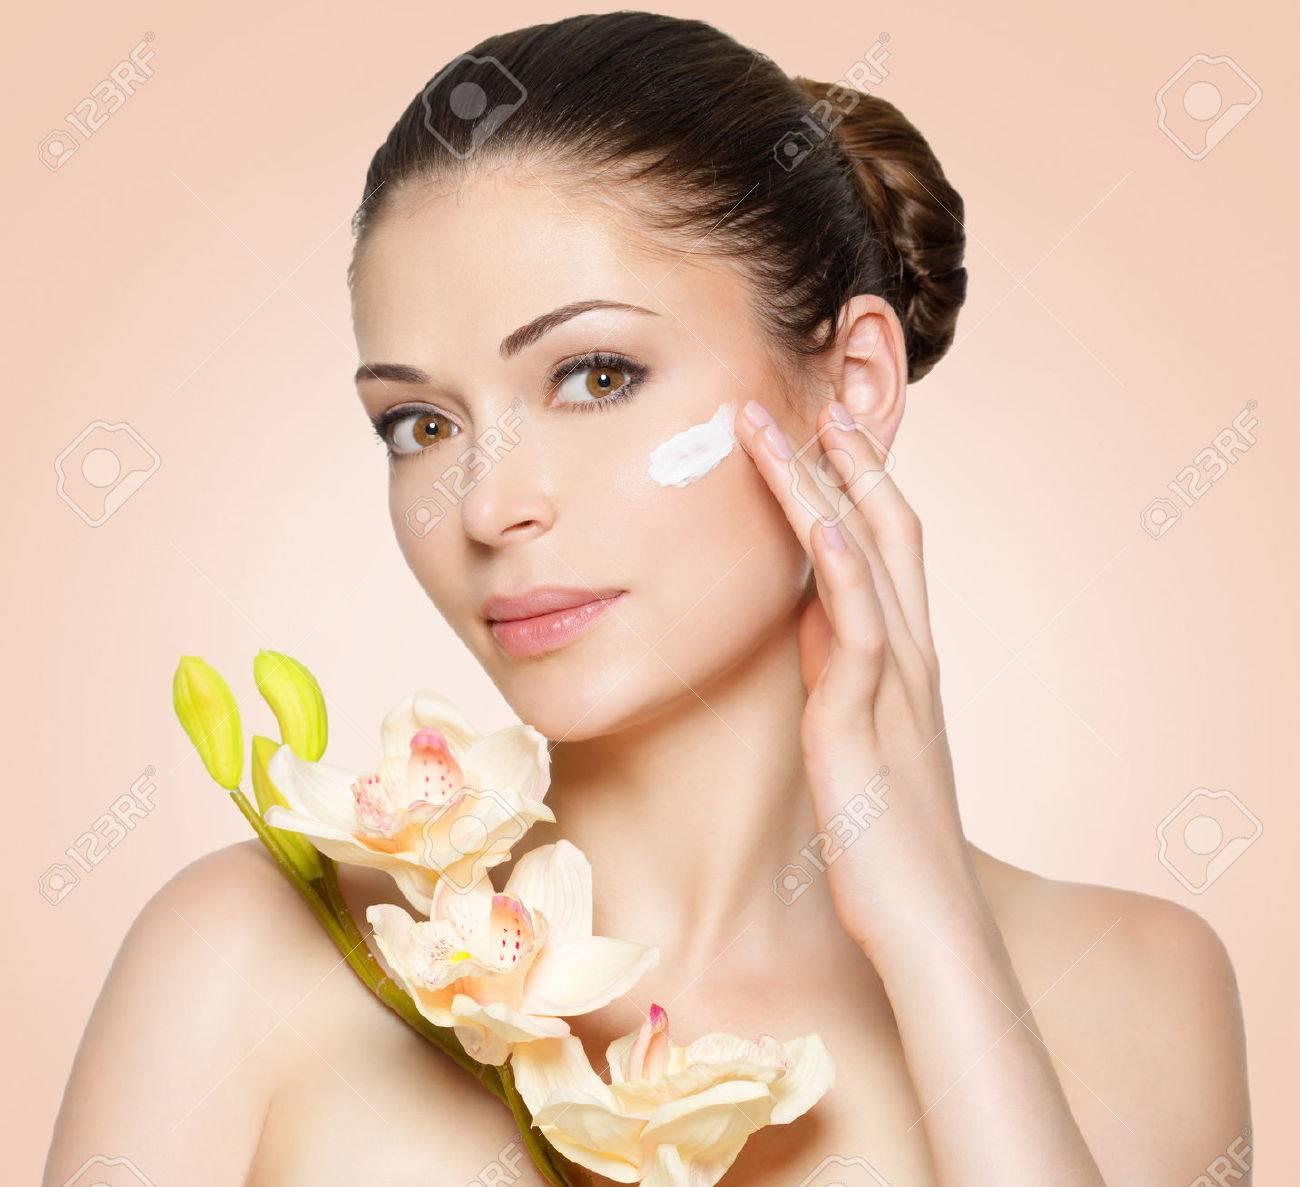 Jeune femme avec crème cosmétique sur un visage propre et fraîche. concept de mode de vie sain Banque d'images - 54105411